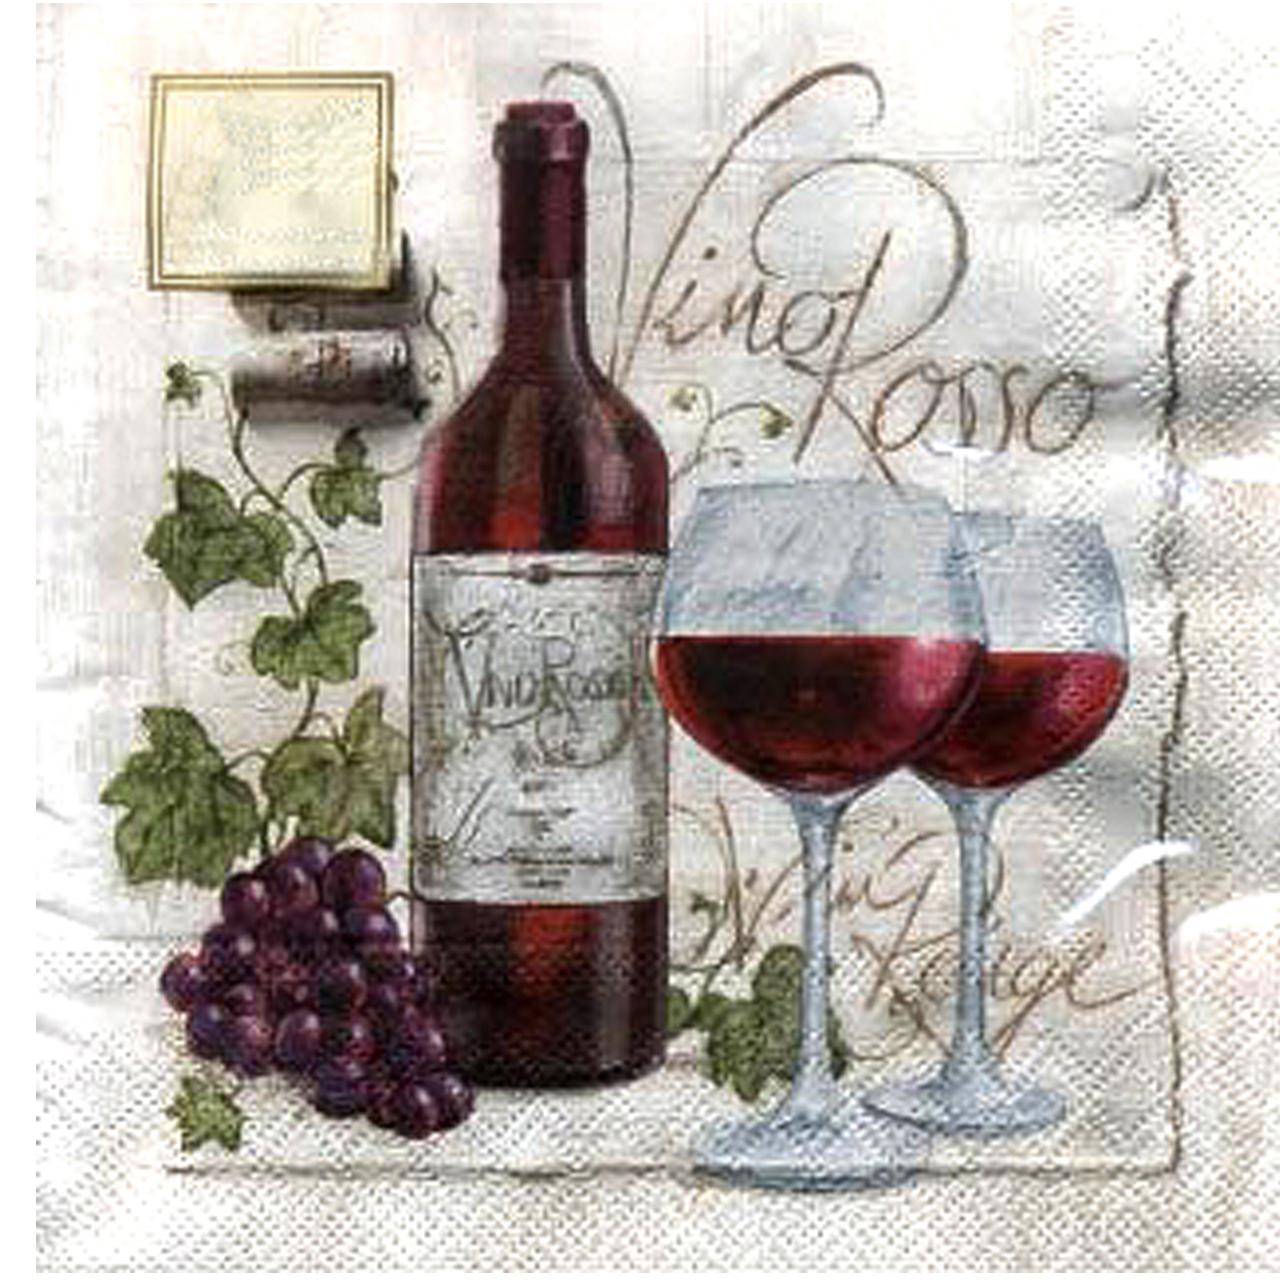 Servetele Decorative Din Hartie Cu Sticla De Vin 2